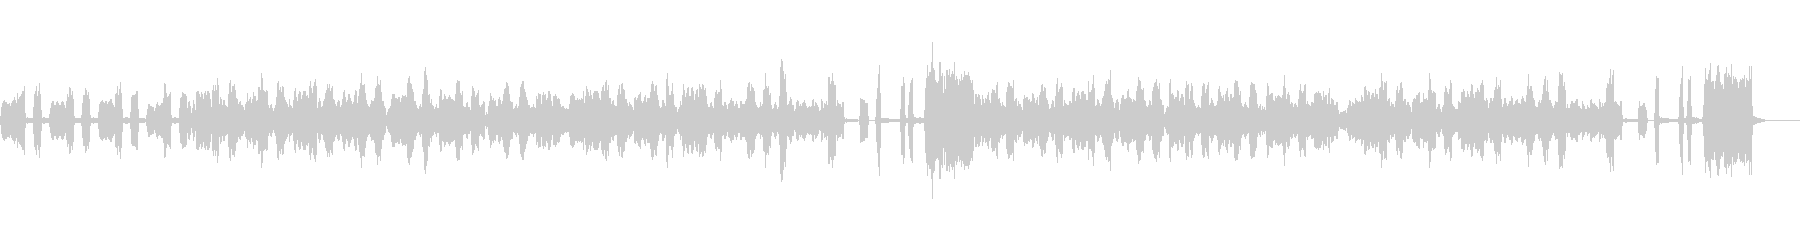 アコーディオンのワルツの未再生の波形